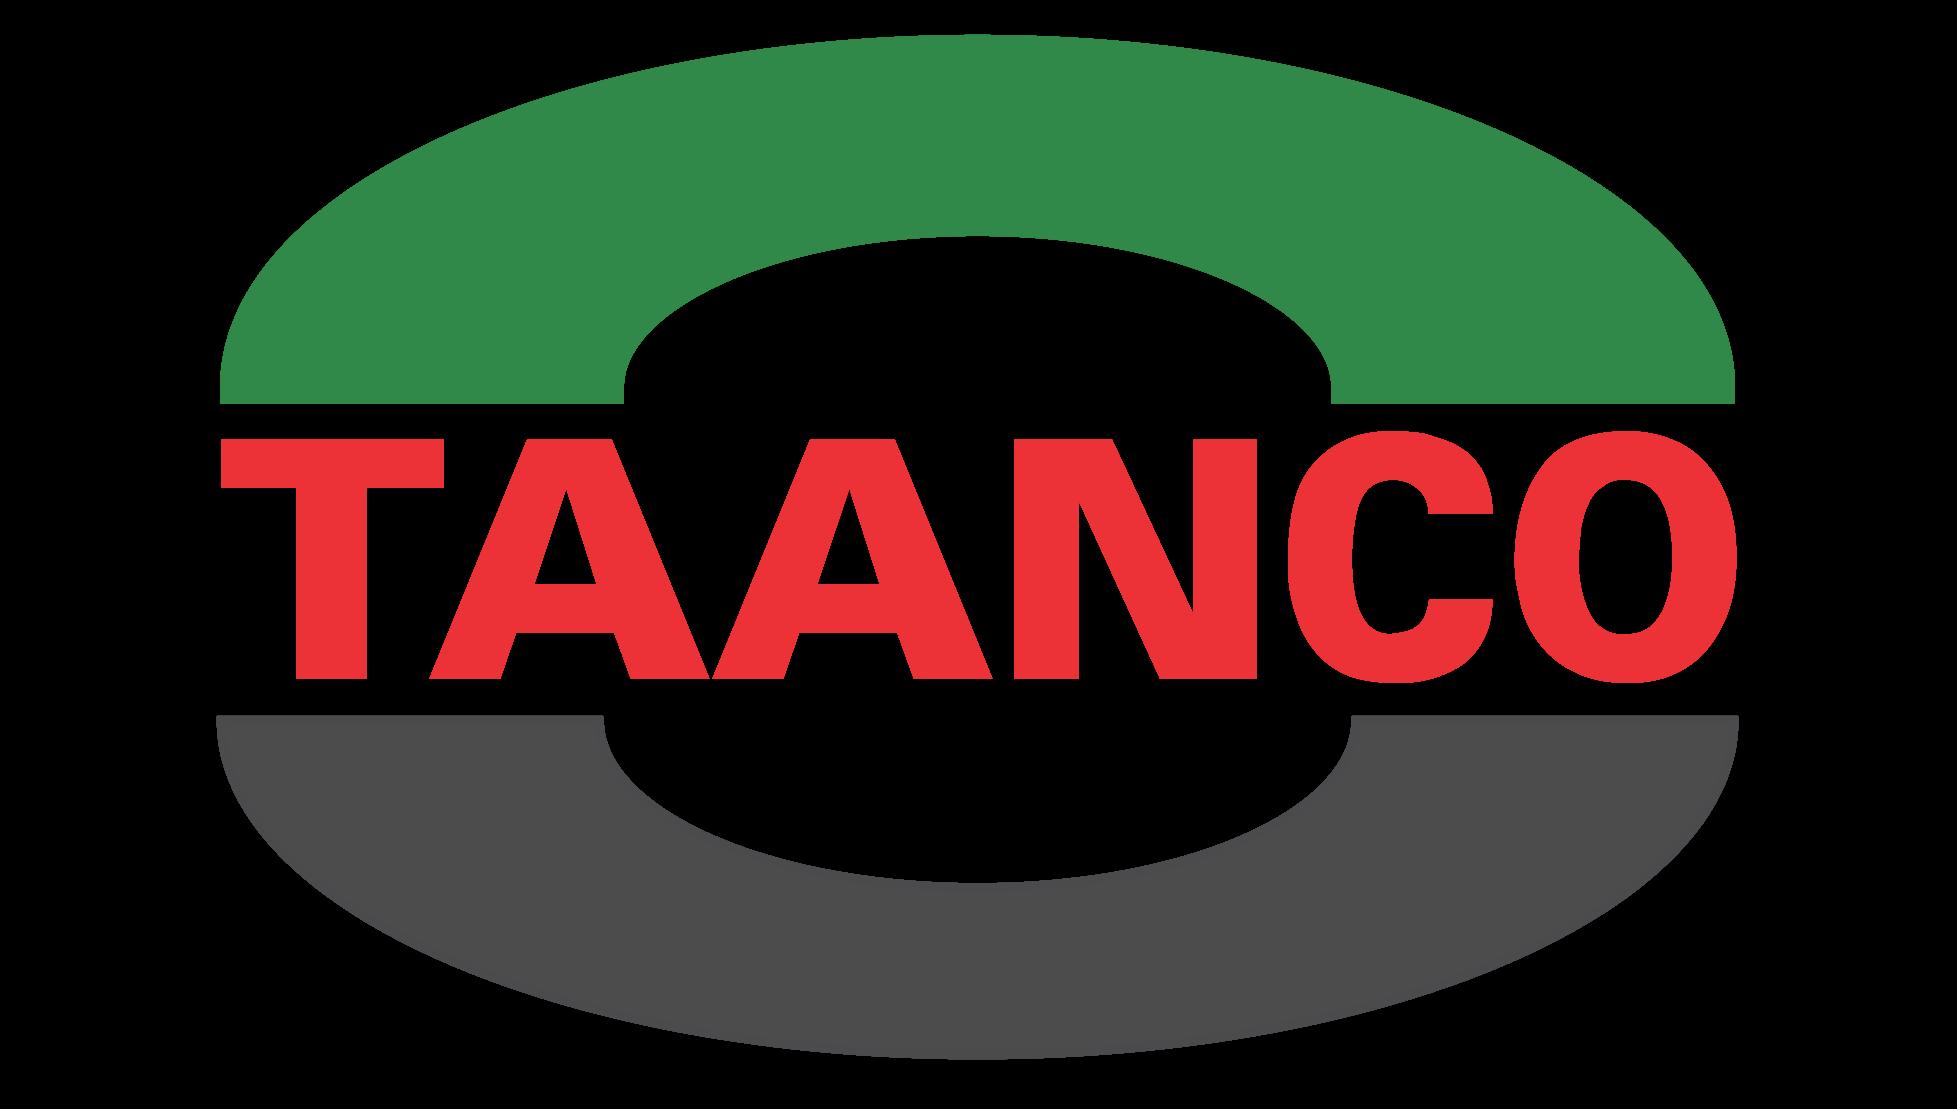 TAANCO